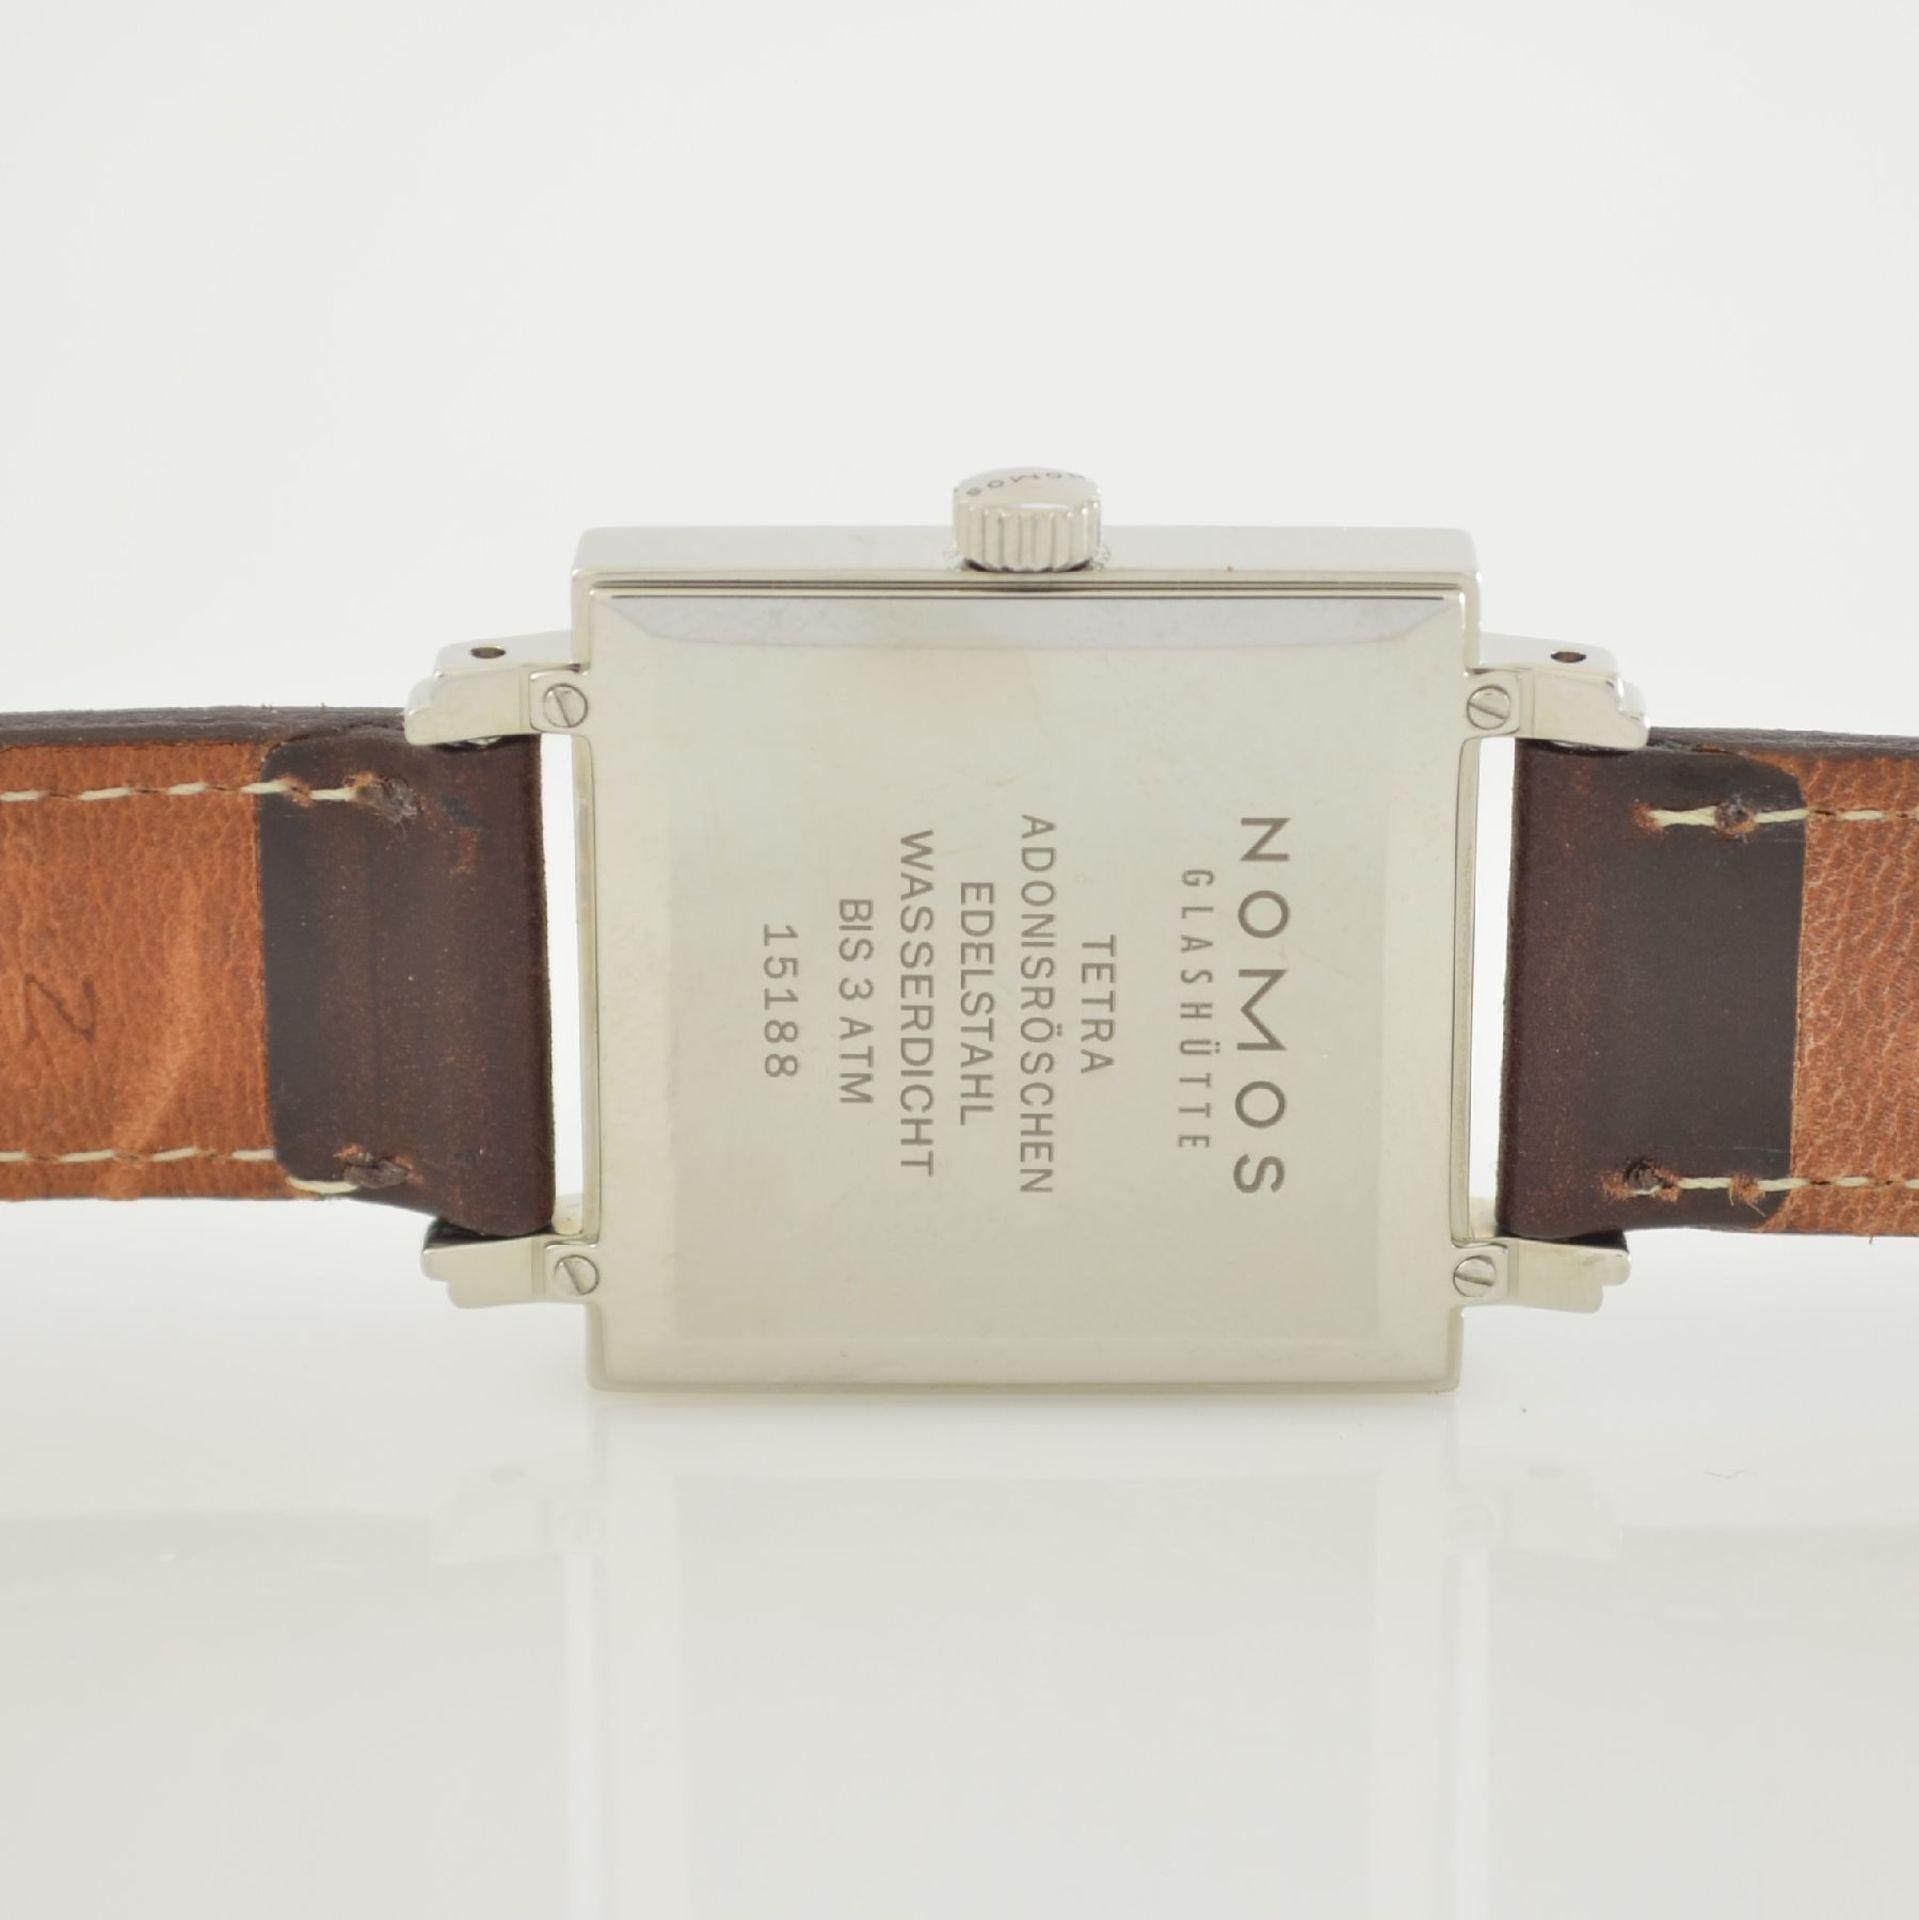 NOMOS Tetra Adonisröschen Armbanduhr in Edelstahl, Deutschland um 2010, Handaufzug, quadratisches - Bild 6 aus 6